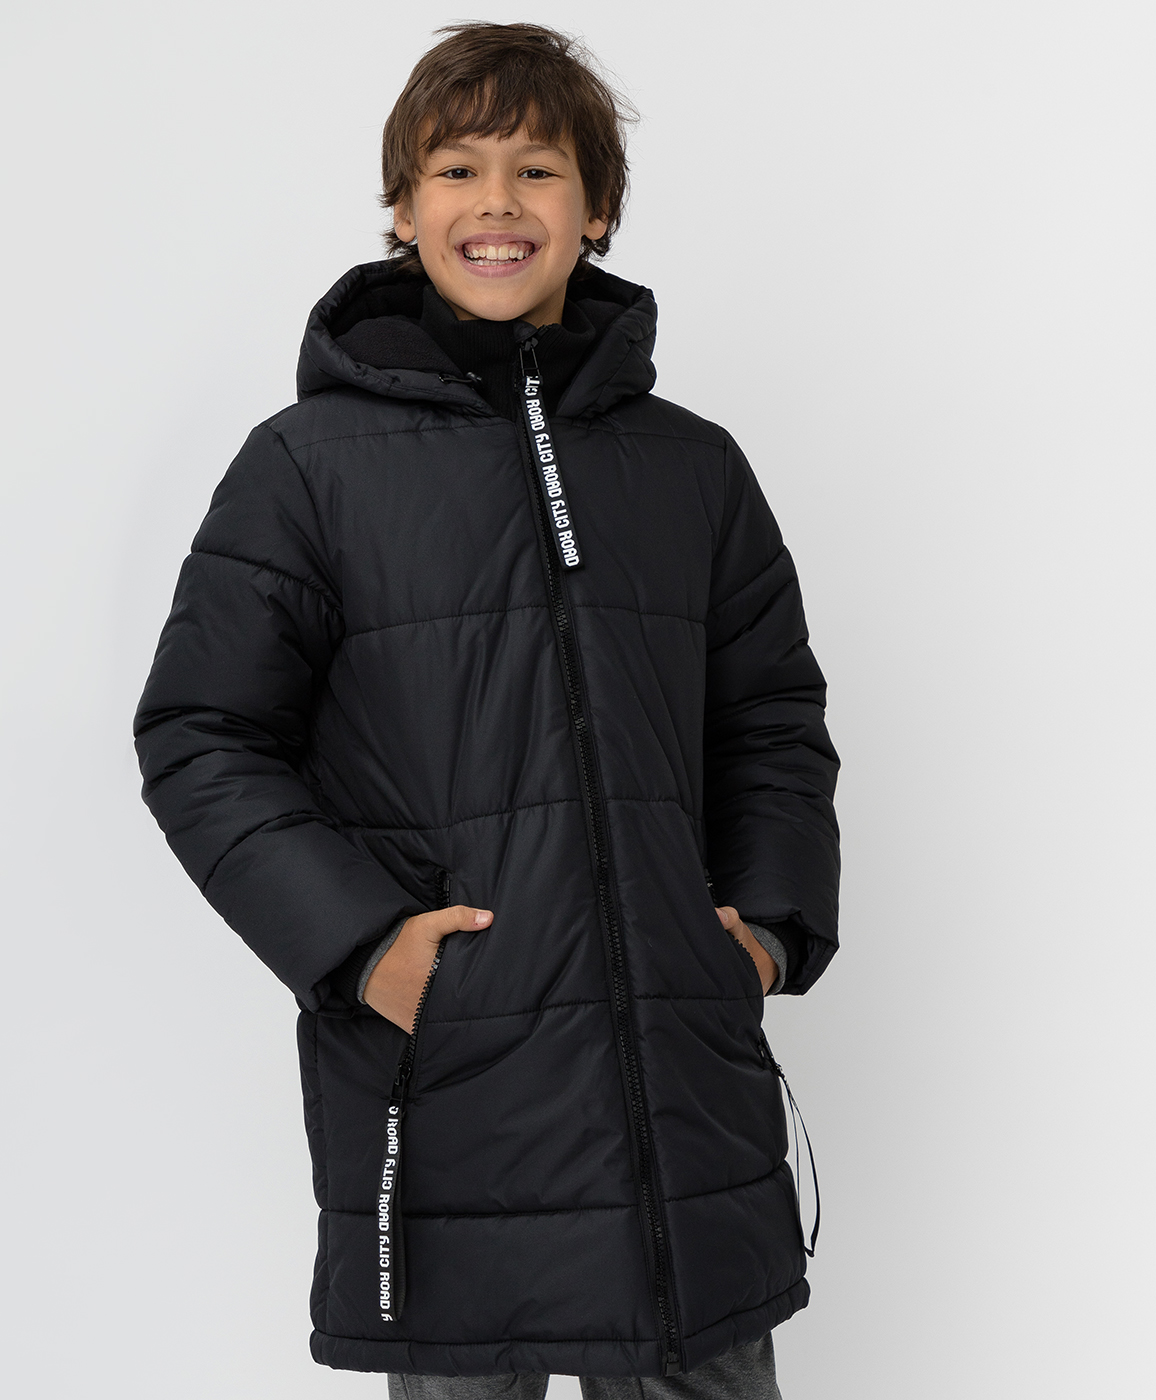 Купить 220BBBJC45030800, Черное зимнее пальто Button Blue, черный, 140, Полиэстер, Мужской, Зима, ОСЕНЬ/ЗИМА 2020-2021 (shop: GulliverMarket Gulliver Market)